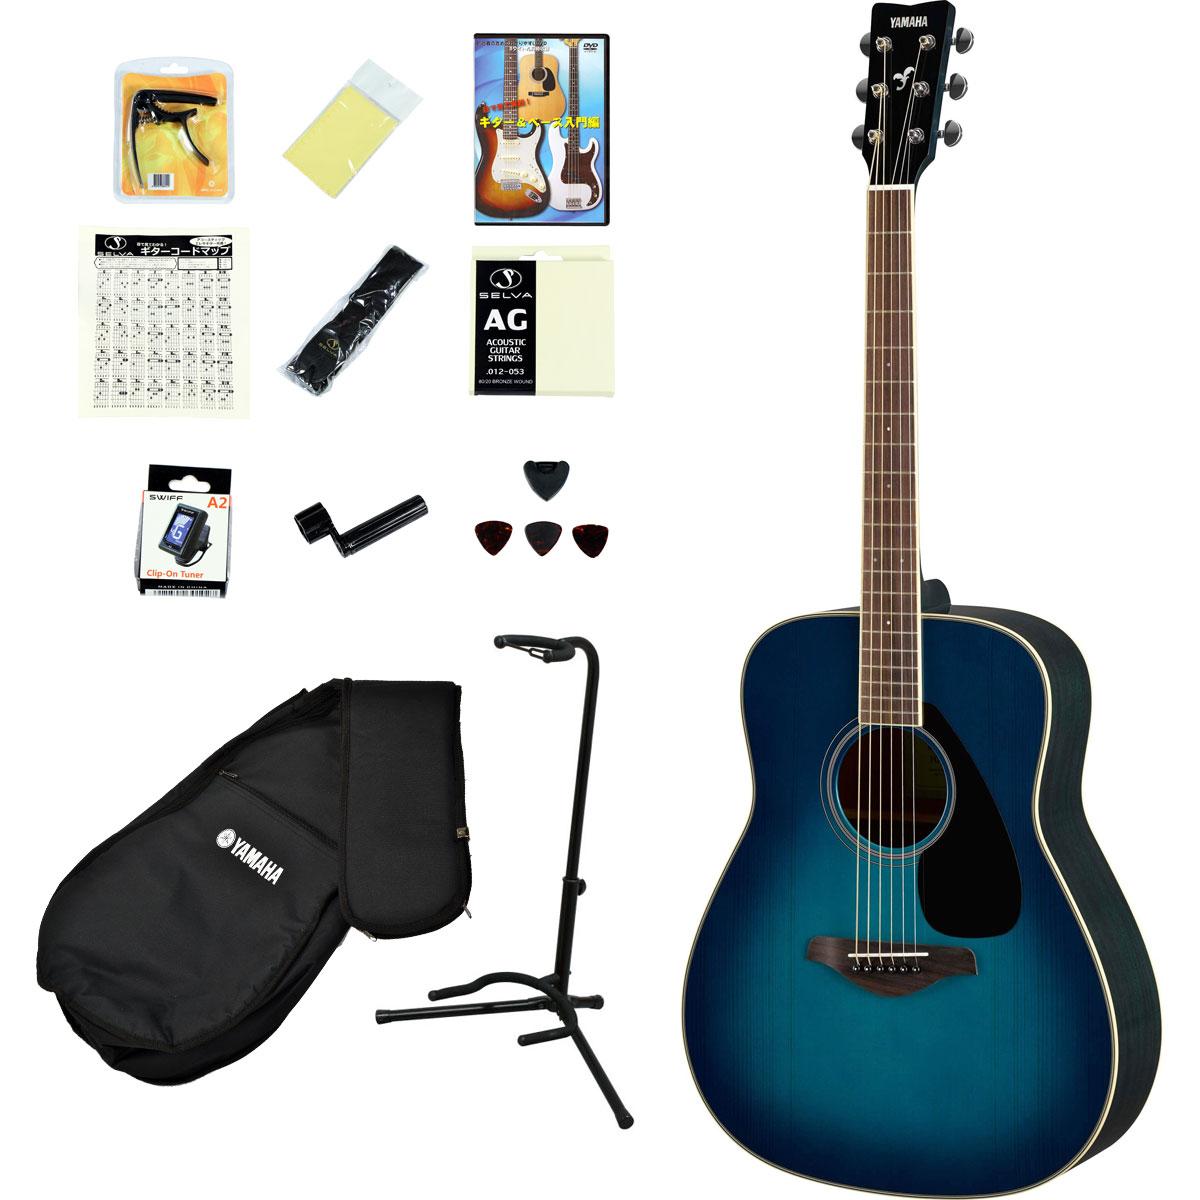 YAMAHA / FG820 SB(サンセットブルー) 【アコースティックギター14点入門セット!】 ヤマハ フォークギター アコギ FG-820 入門 初心者【YRK】